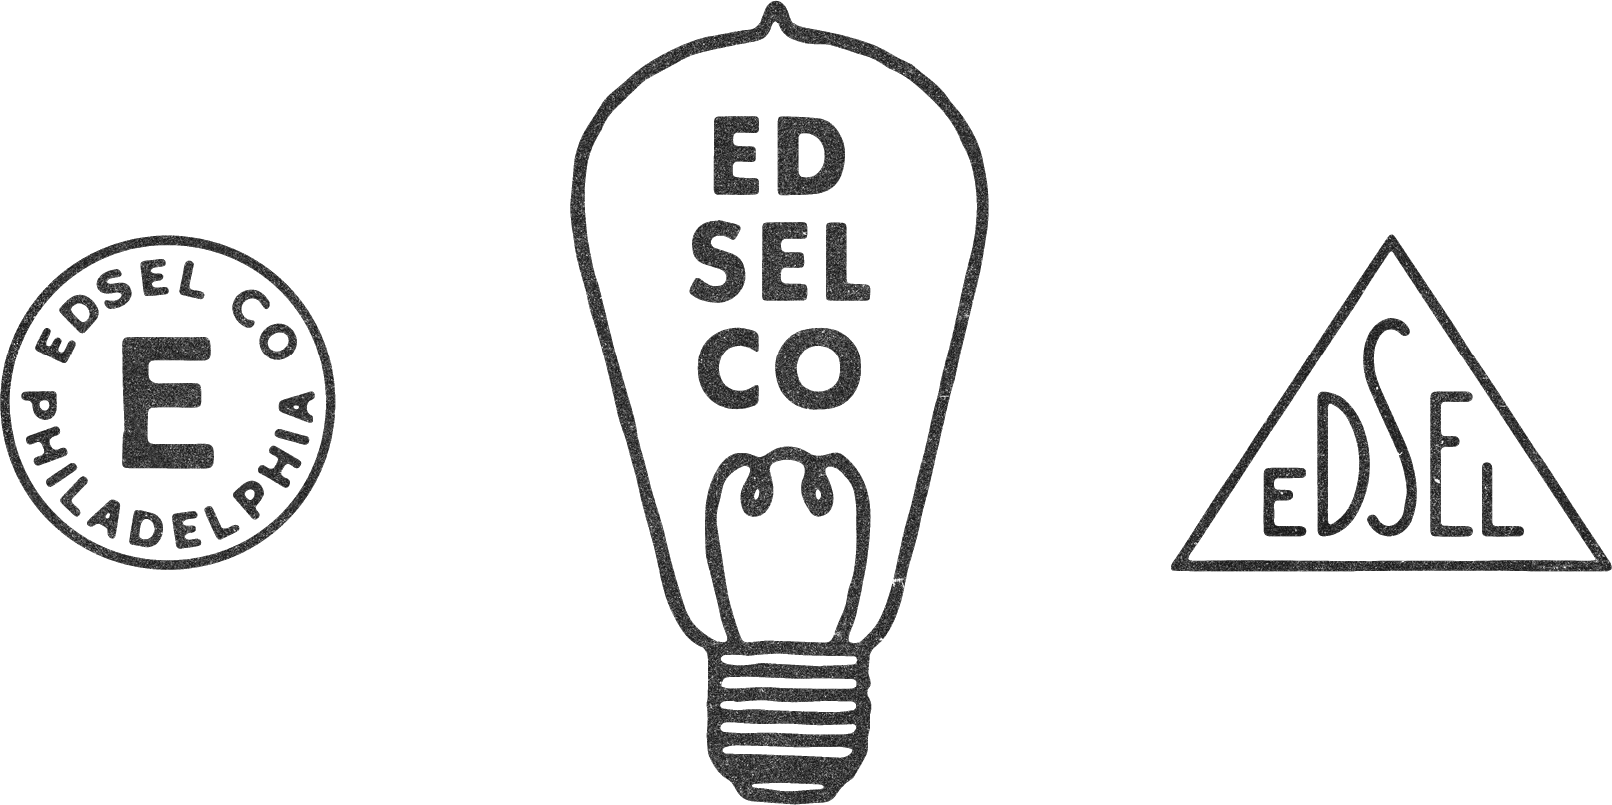 MGS_Edselco